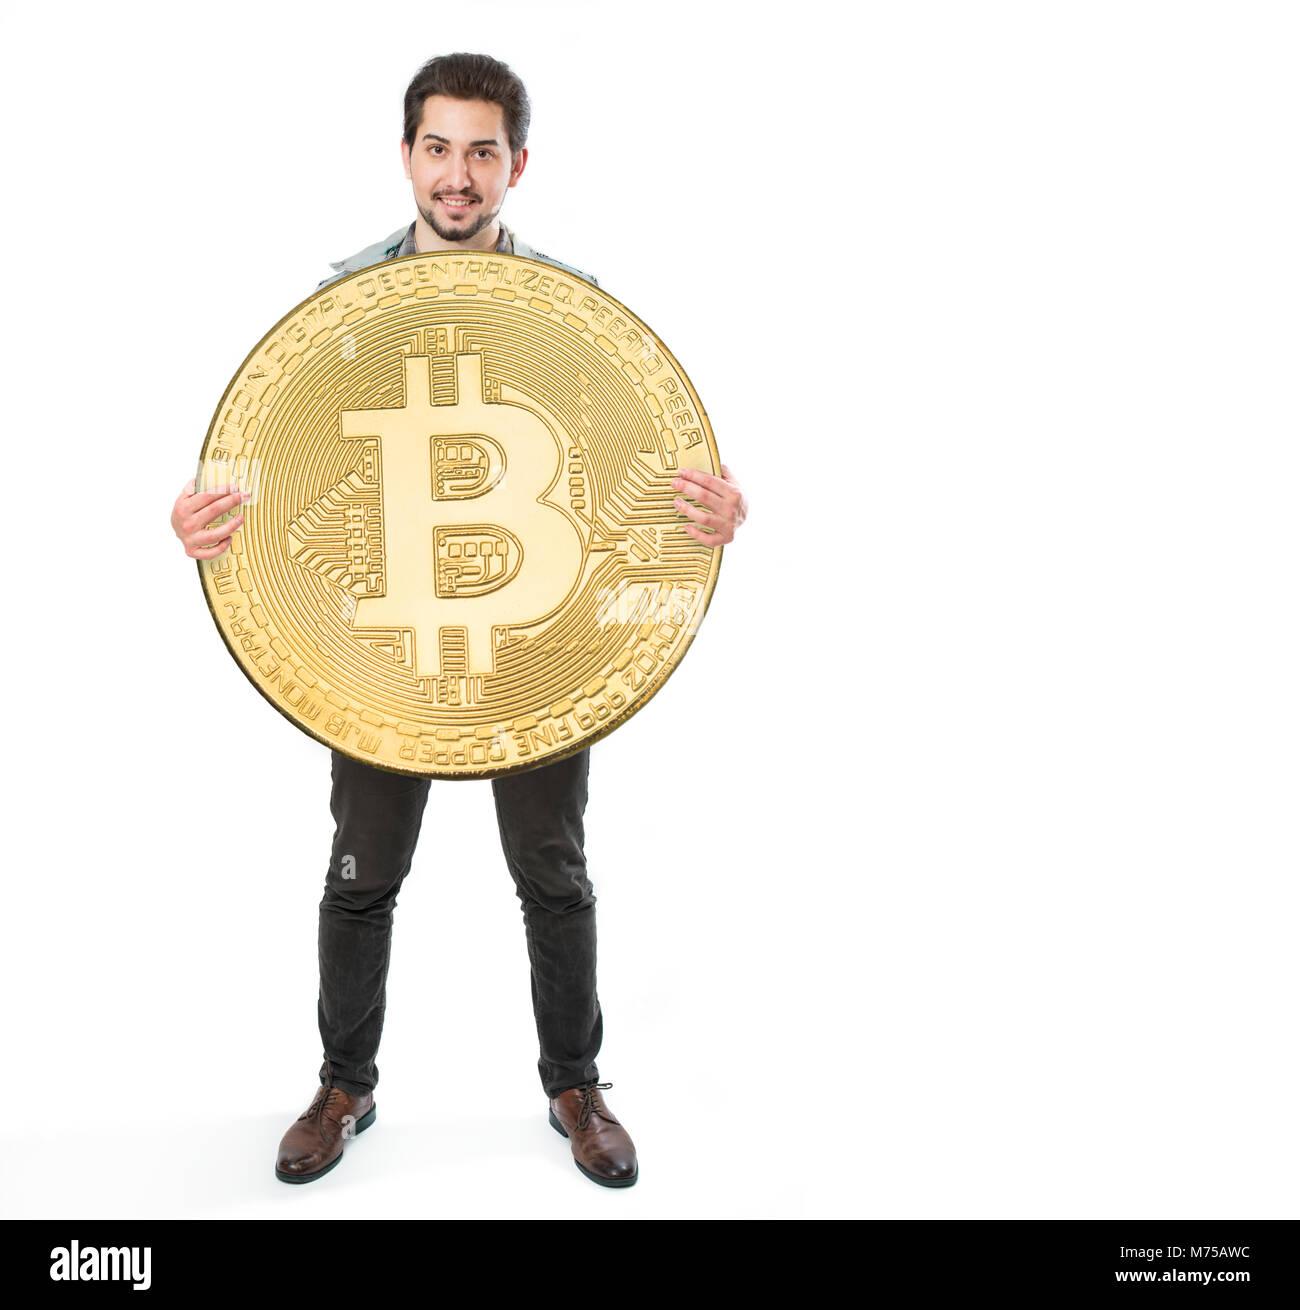 Un allegro uomo su uno sfondo bianco tenendo un enorme bitcoin coin Immagini Stock